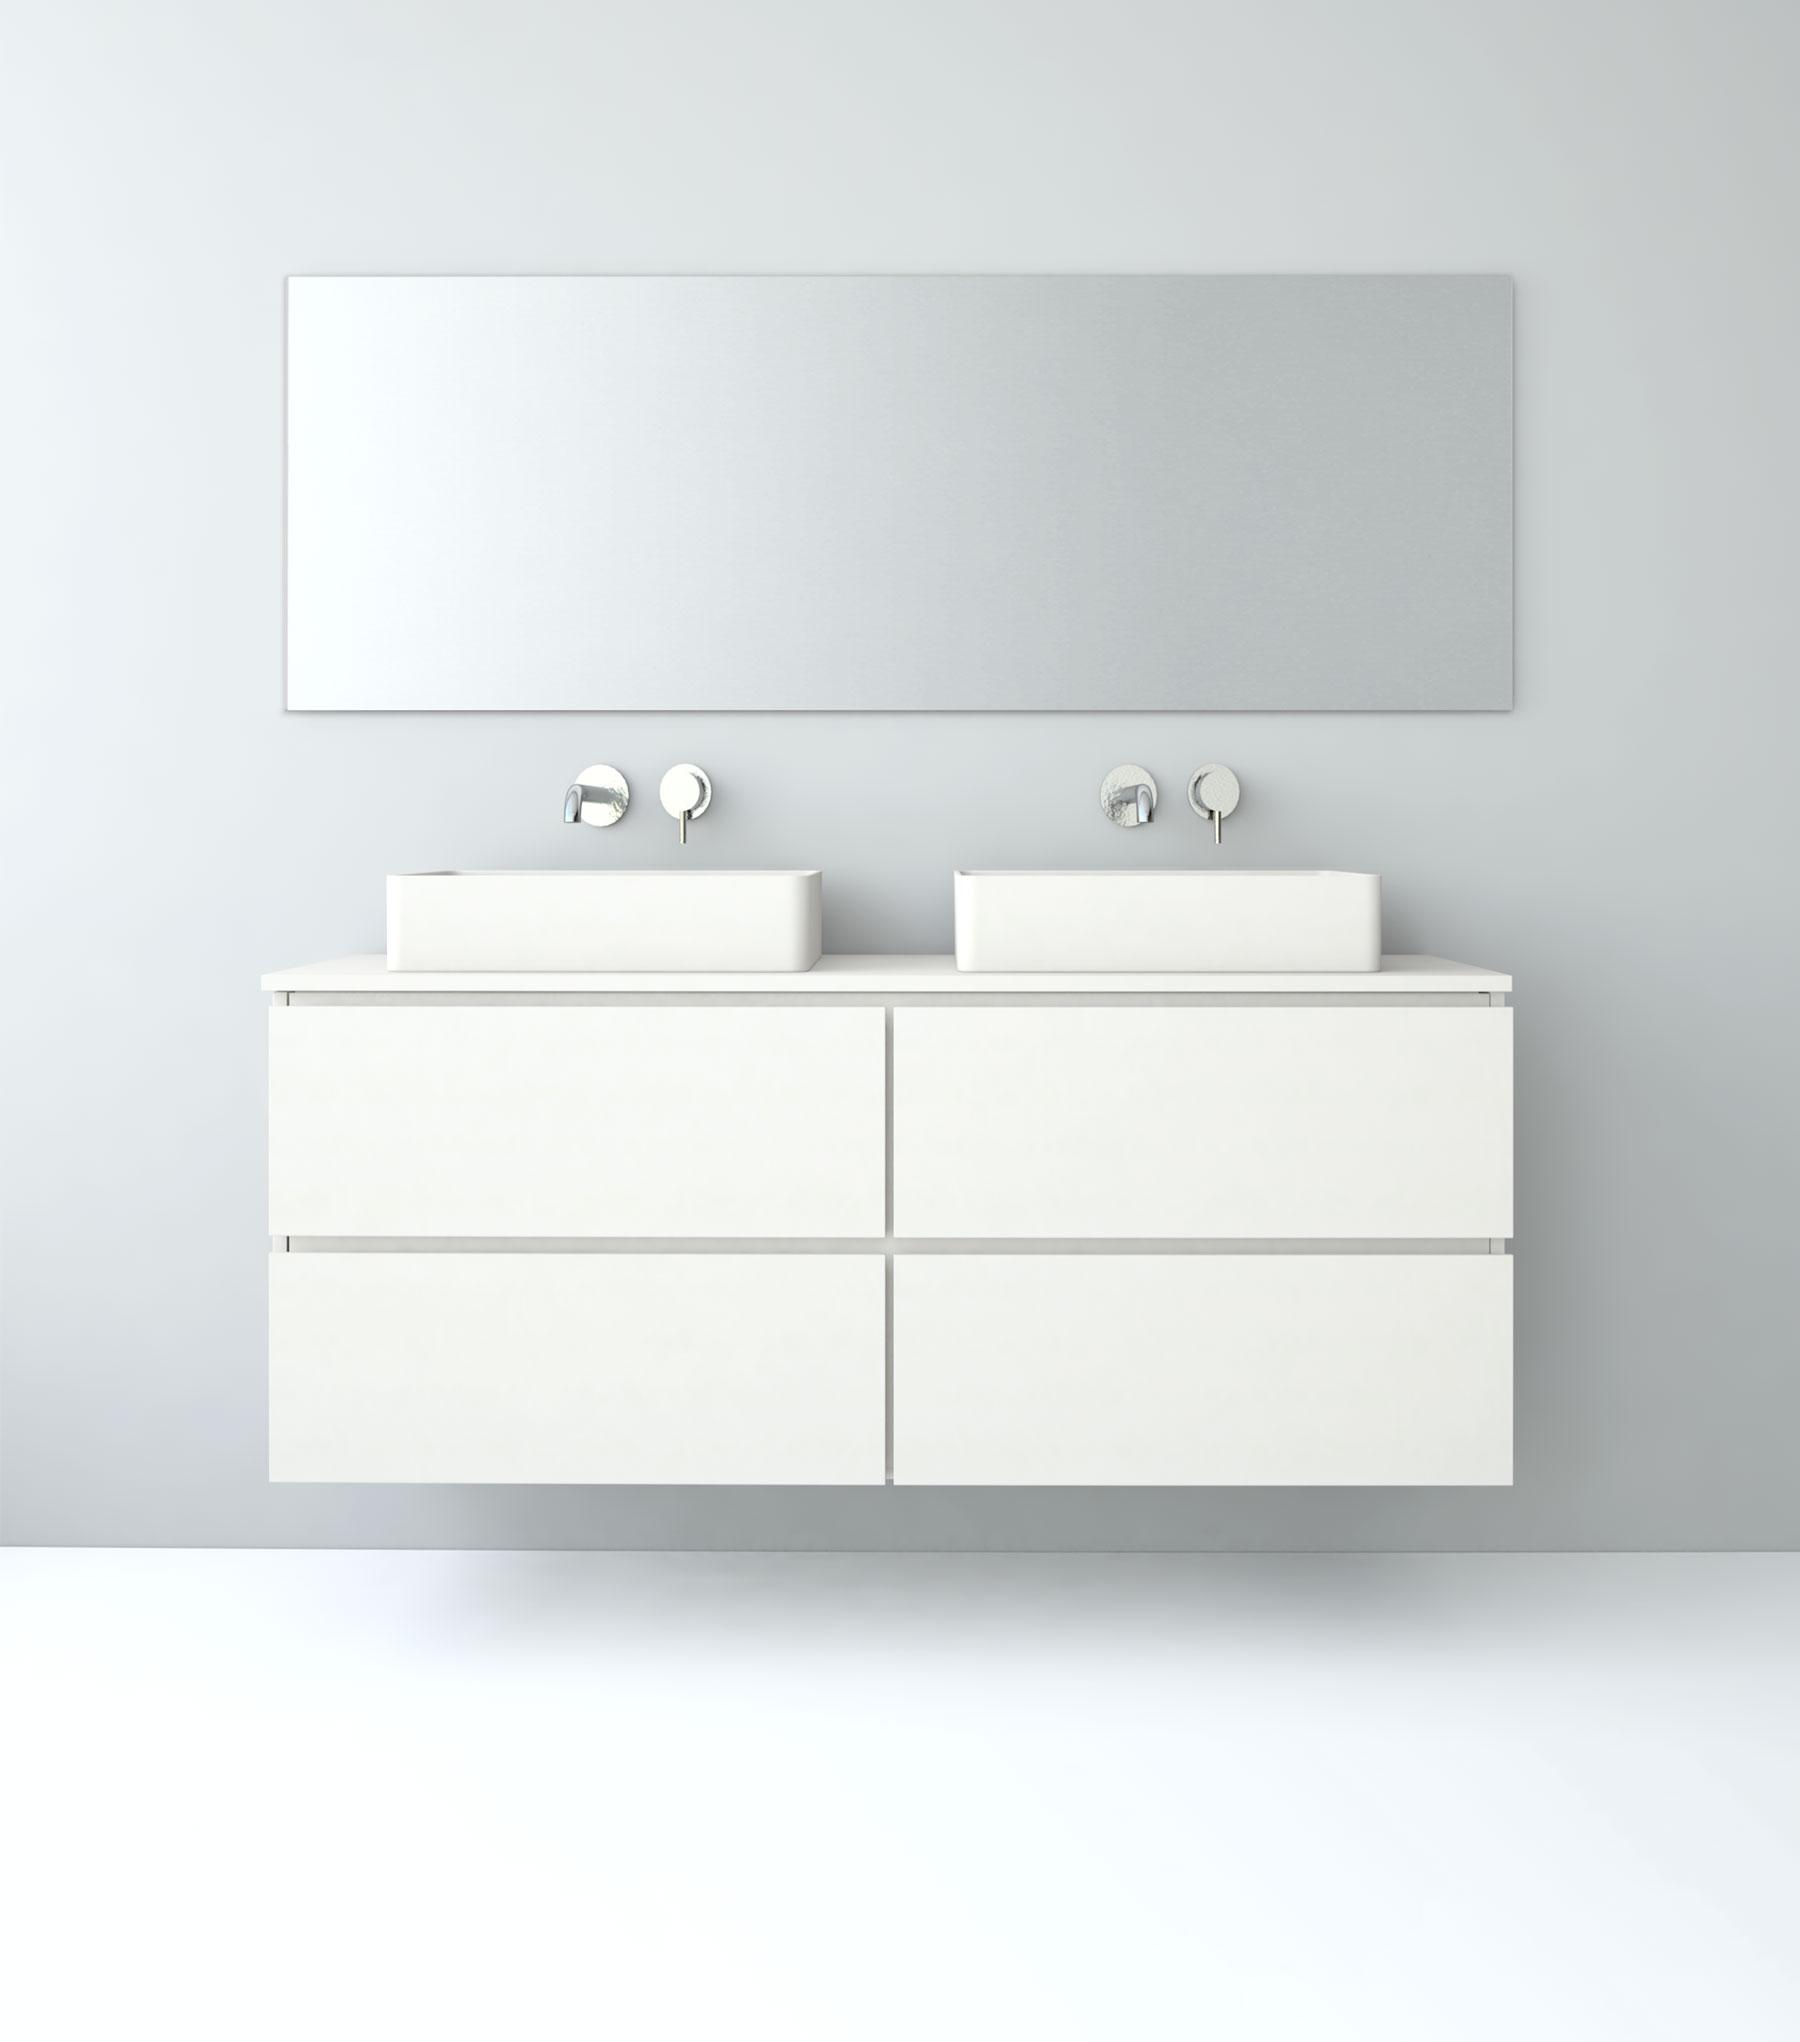 Baños con dos lavabos estilo minimalista